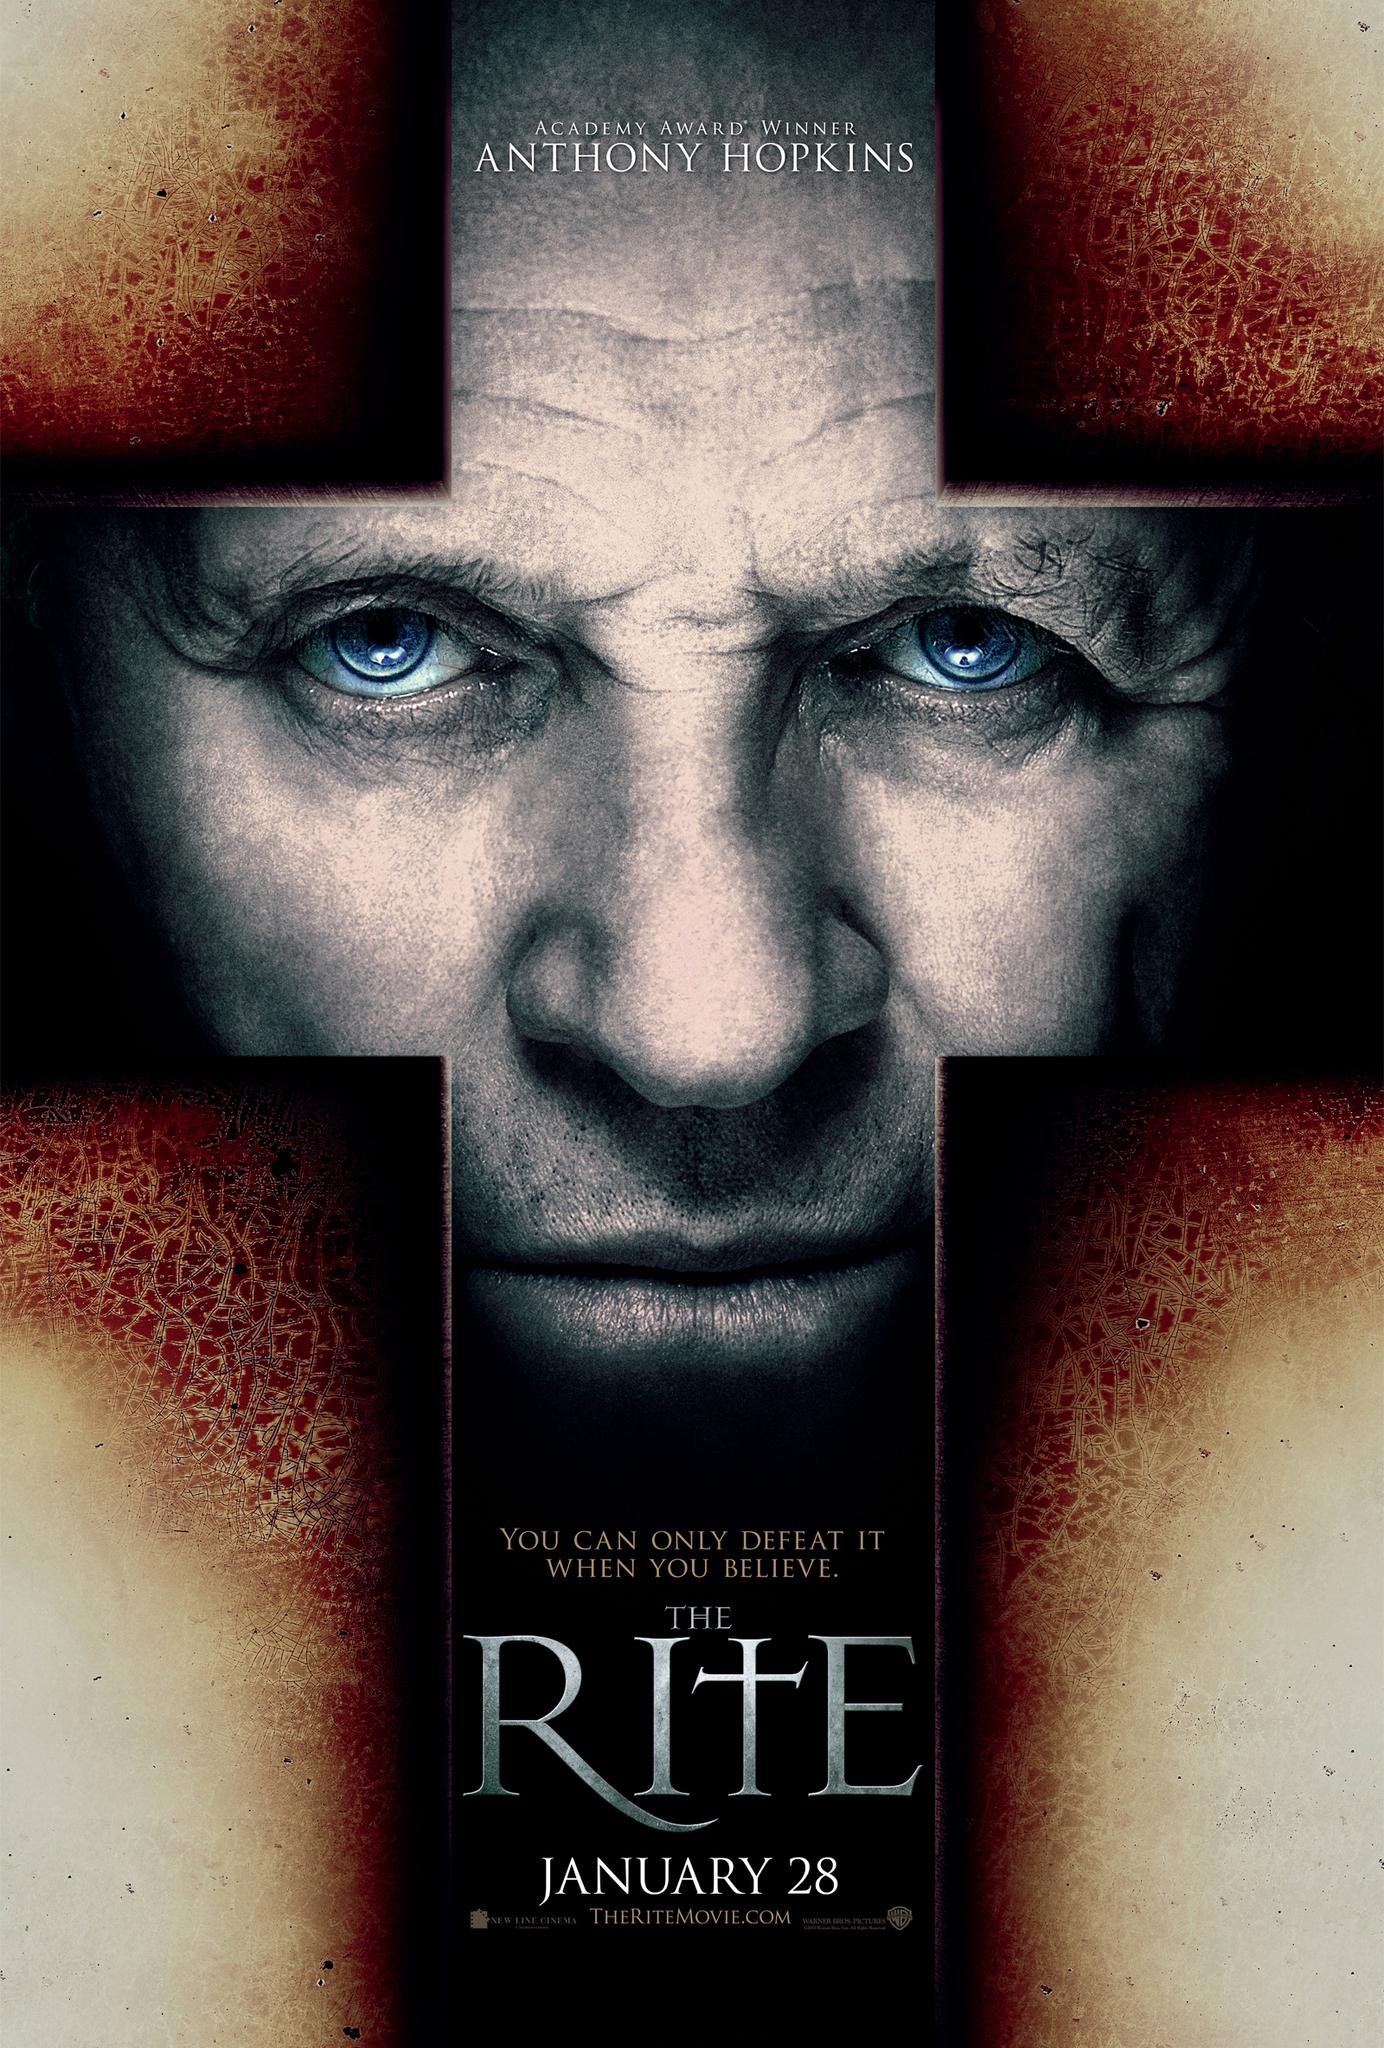 The Rite 2011